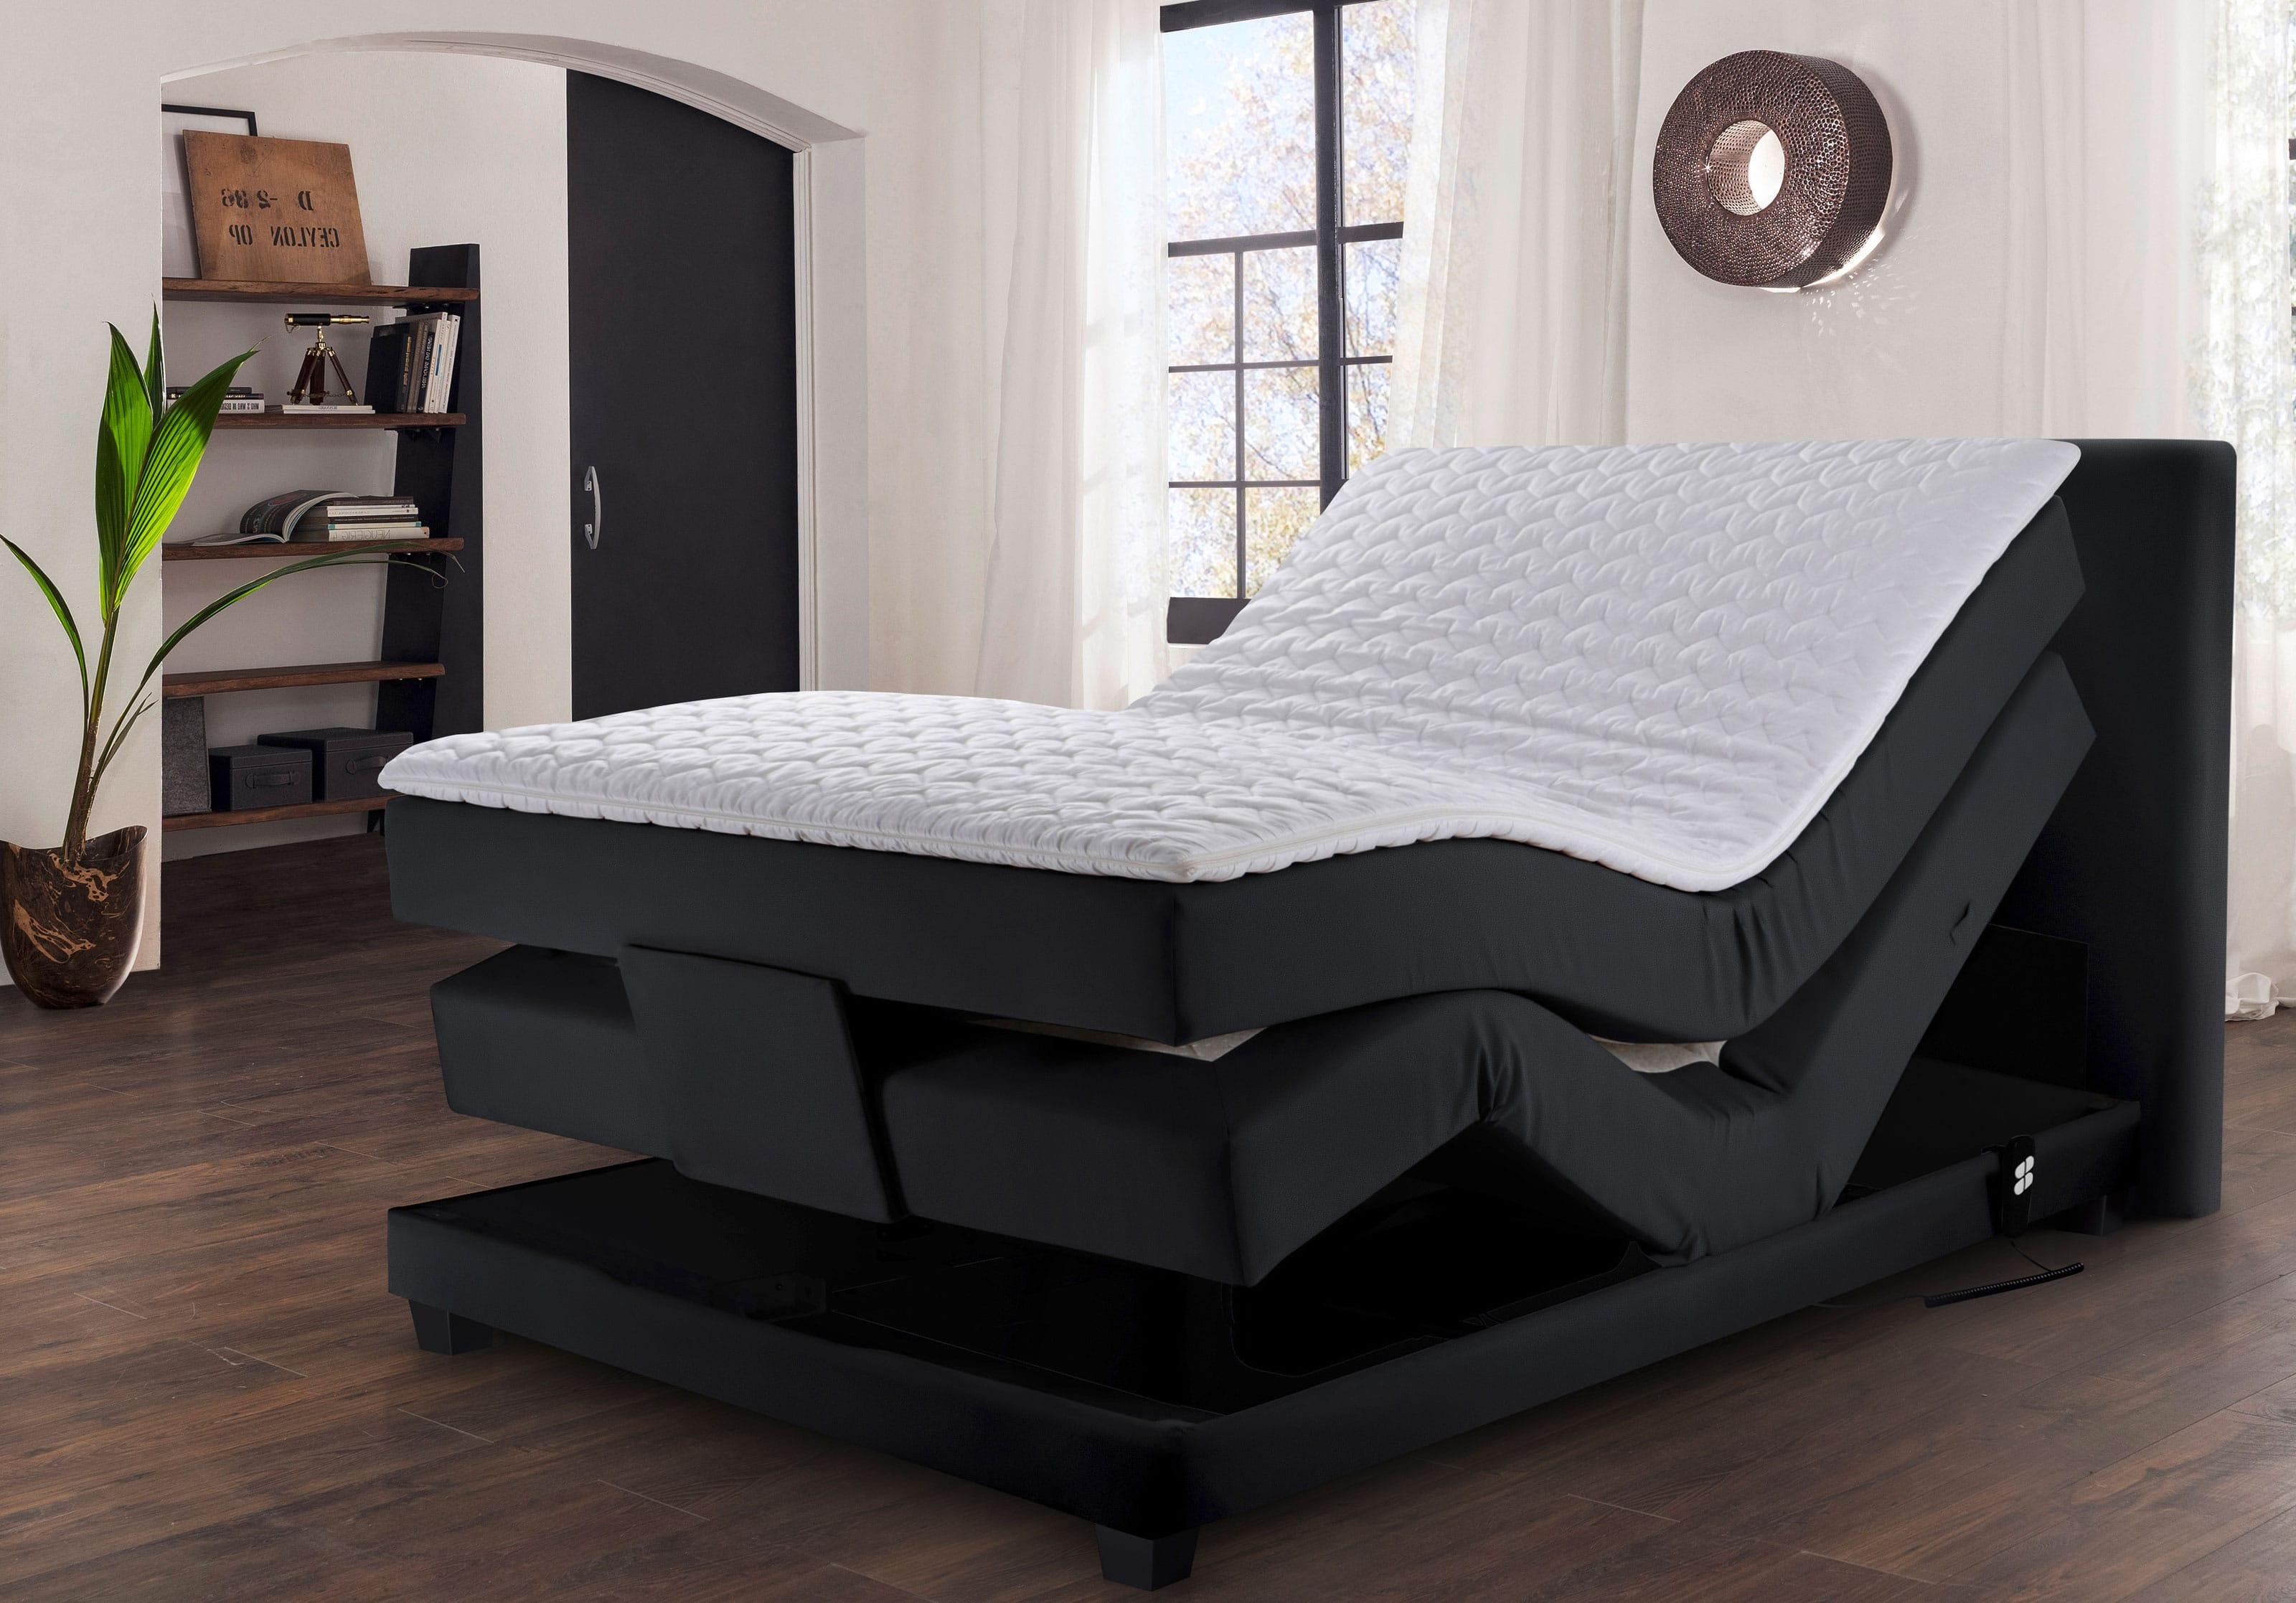 Winkle Madrid Boxspringbett elektrisch verstellbar 140x200 cm schwarz